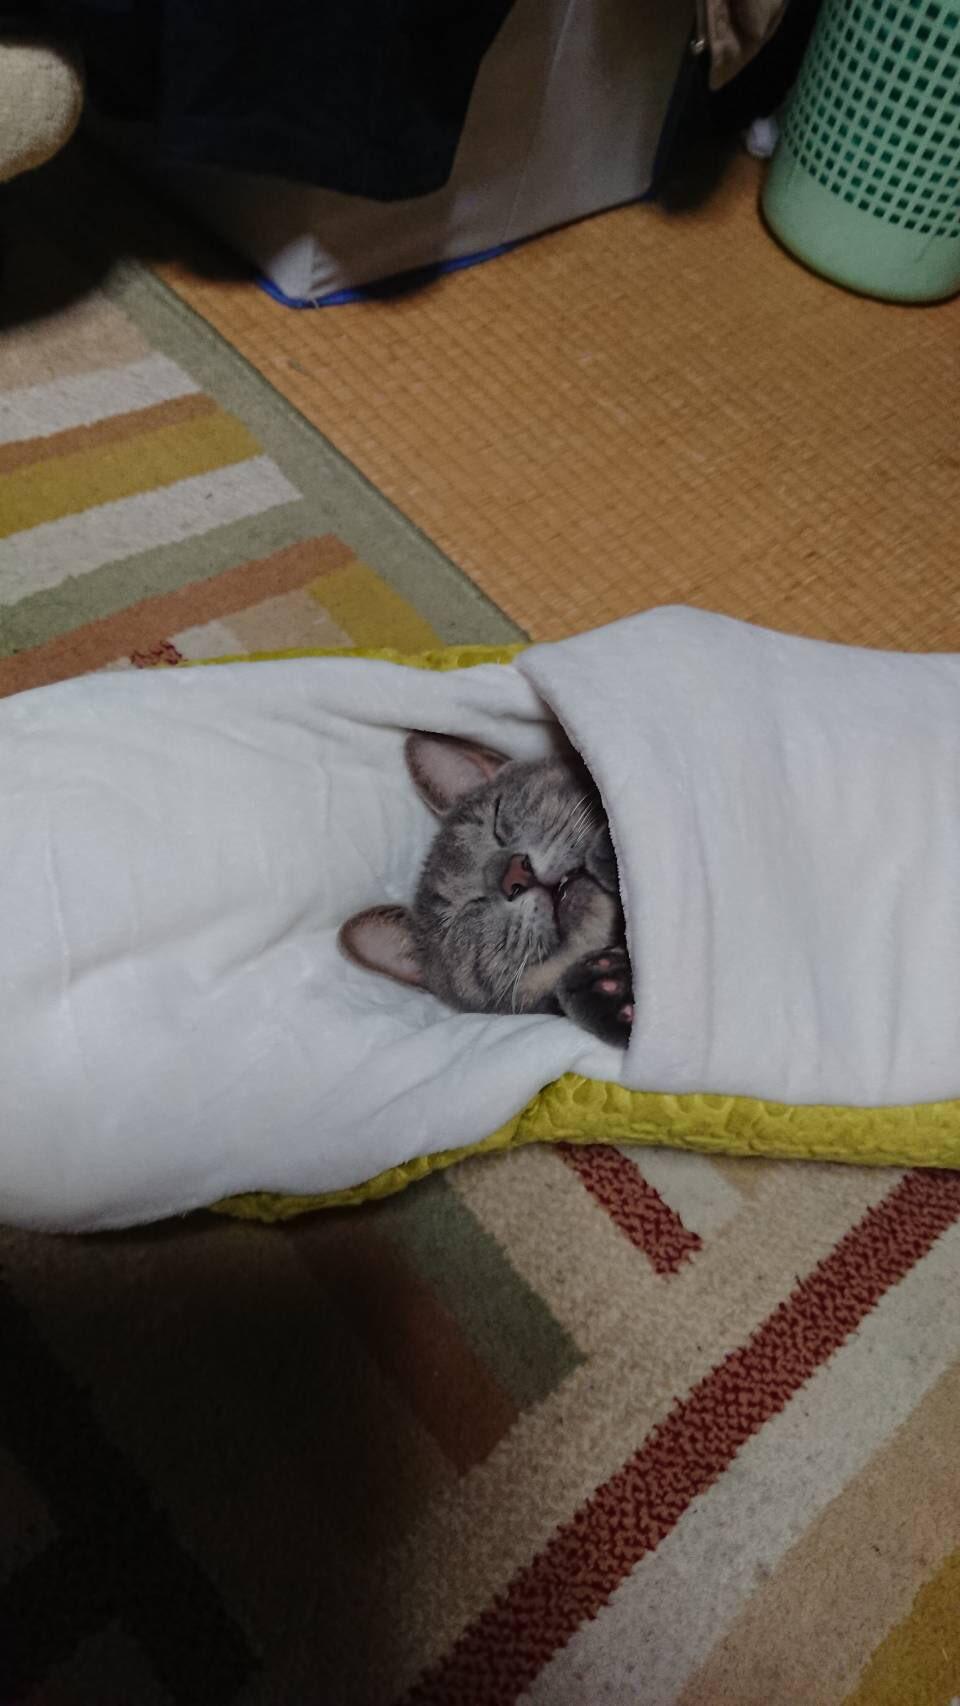 貓貓「被巨蟒吞噬」剩尾巴 奴才「翻過來看」笑翻:表情太幸福~